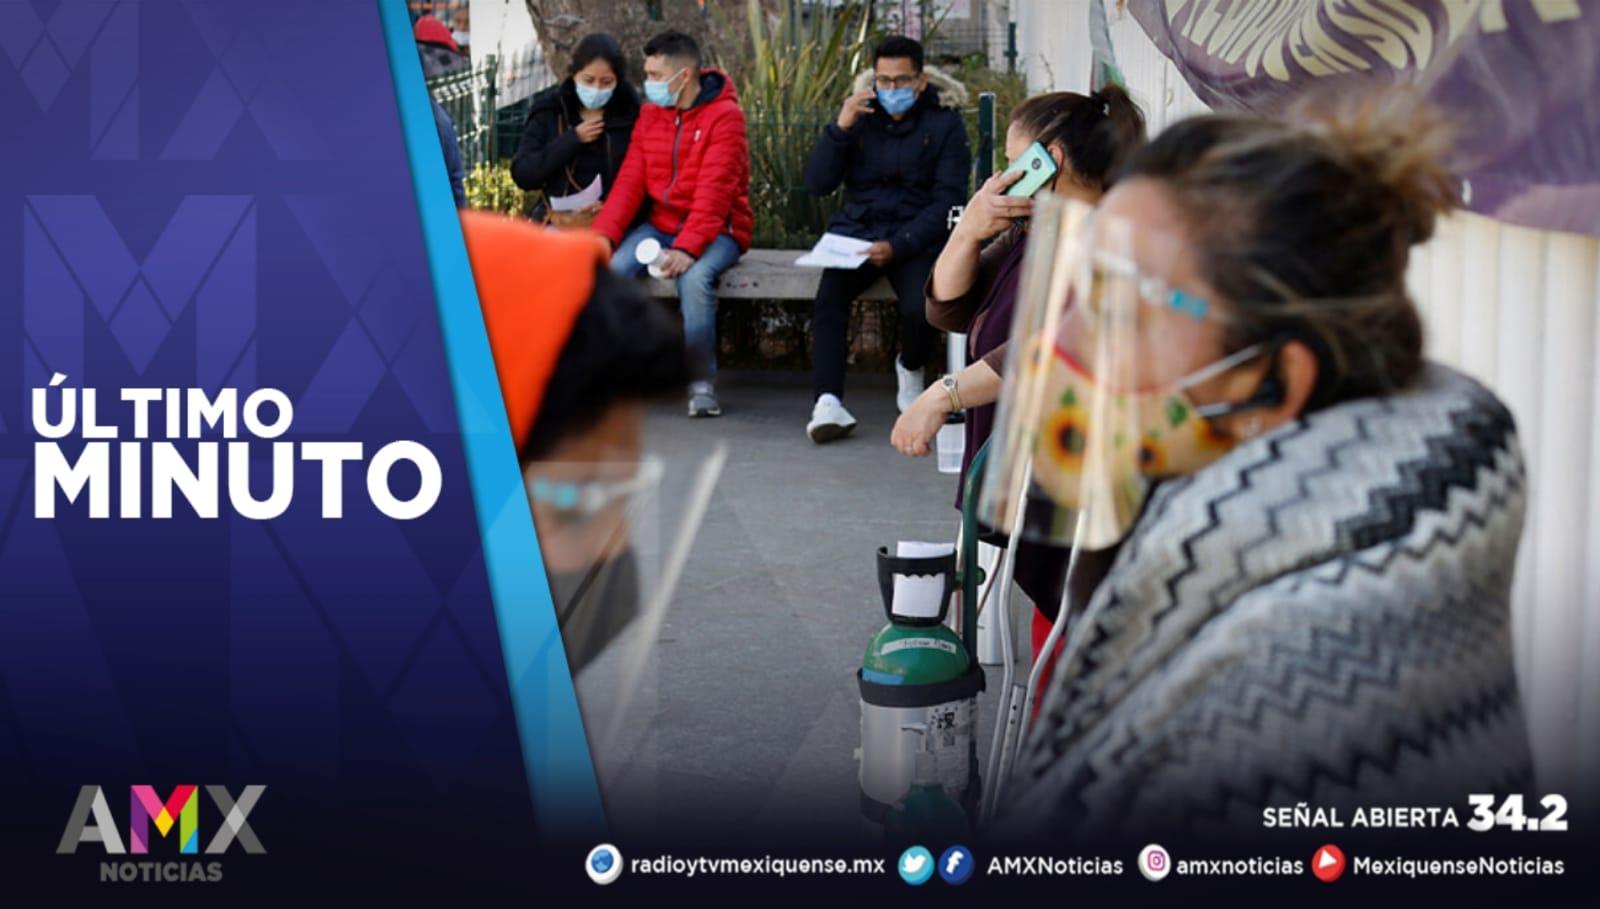 REGISTRA LA ENTIDAD MEXIQUENSE MÁS DE 23 MIL CASOS SOSPECHOSOS DE COVID-19